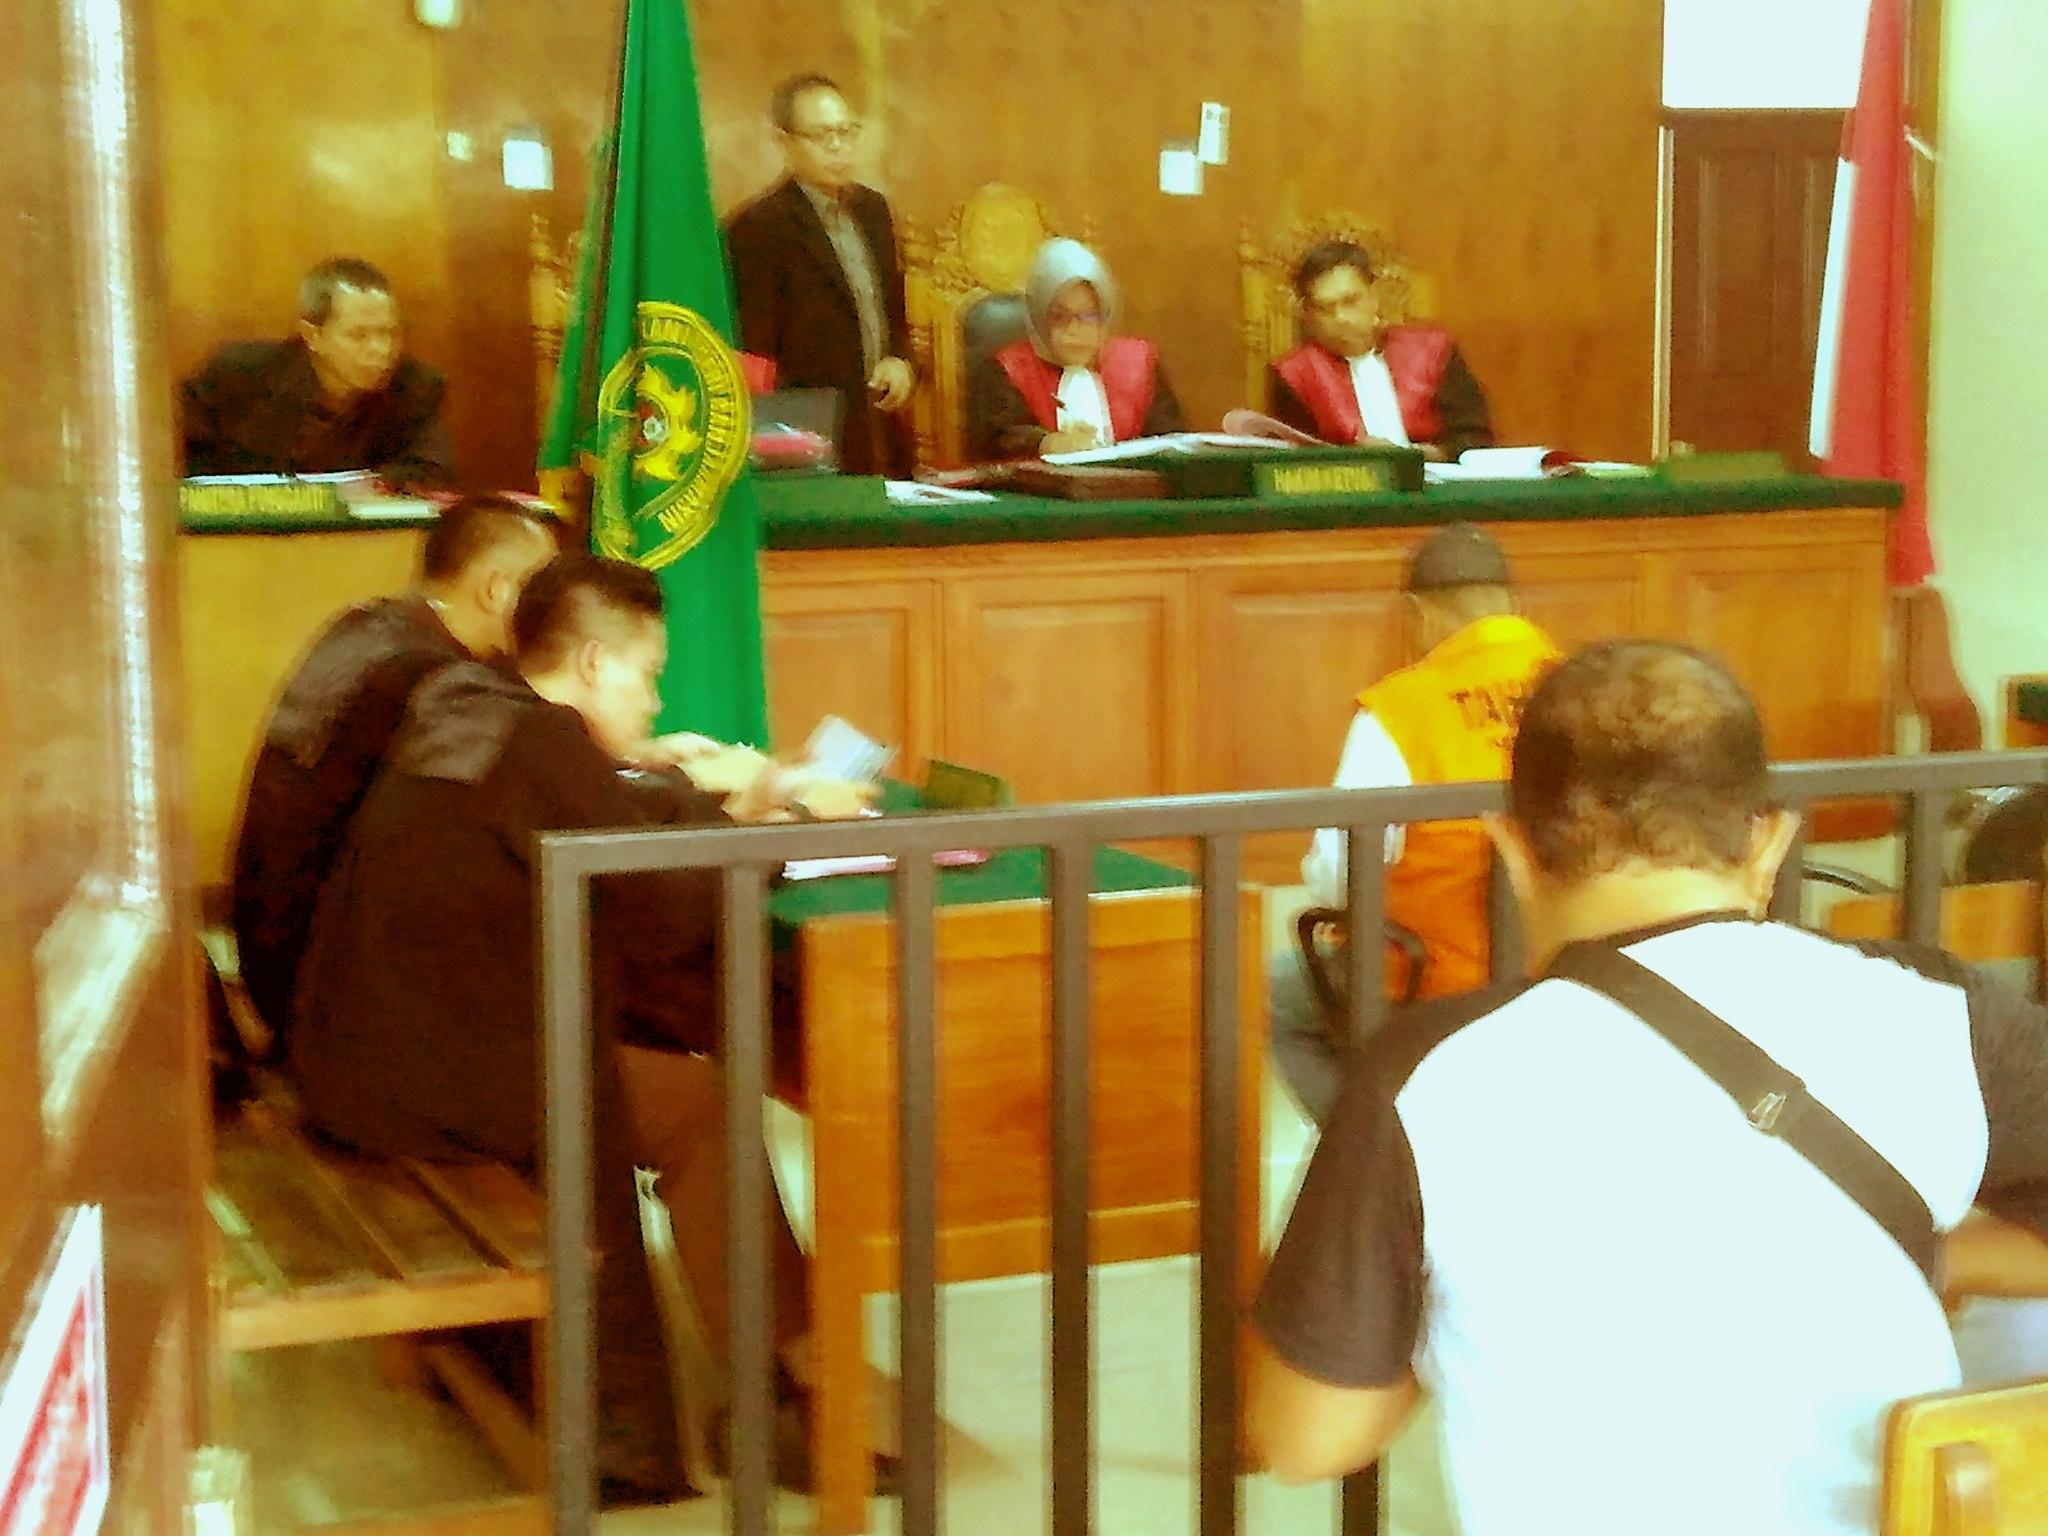 Berat Ancam Hukumannya Ucap Habib Tato Terdakwa Pembunuh Anak Kandung dan Inilah Jawaban JPU